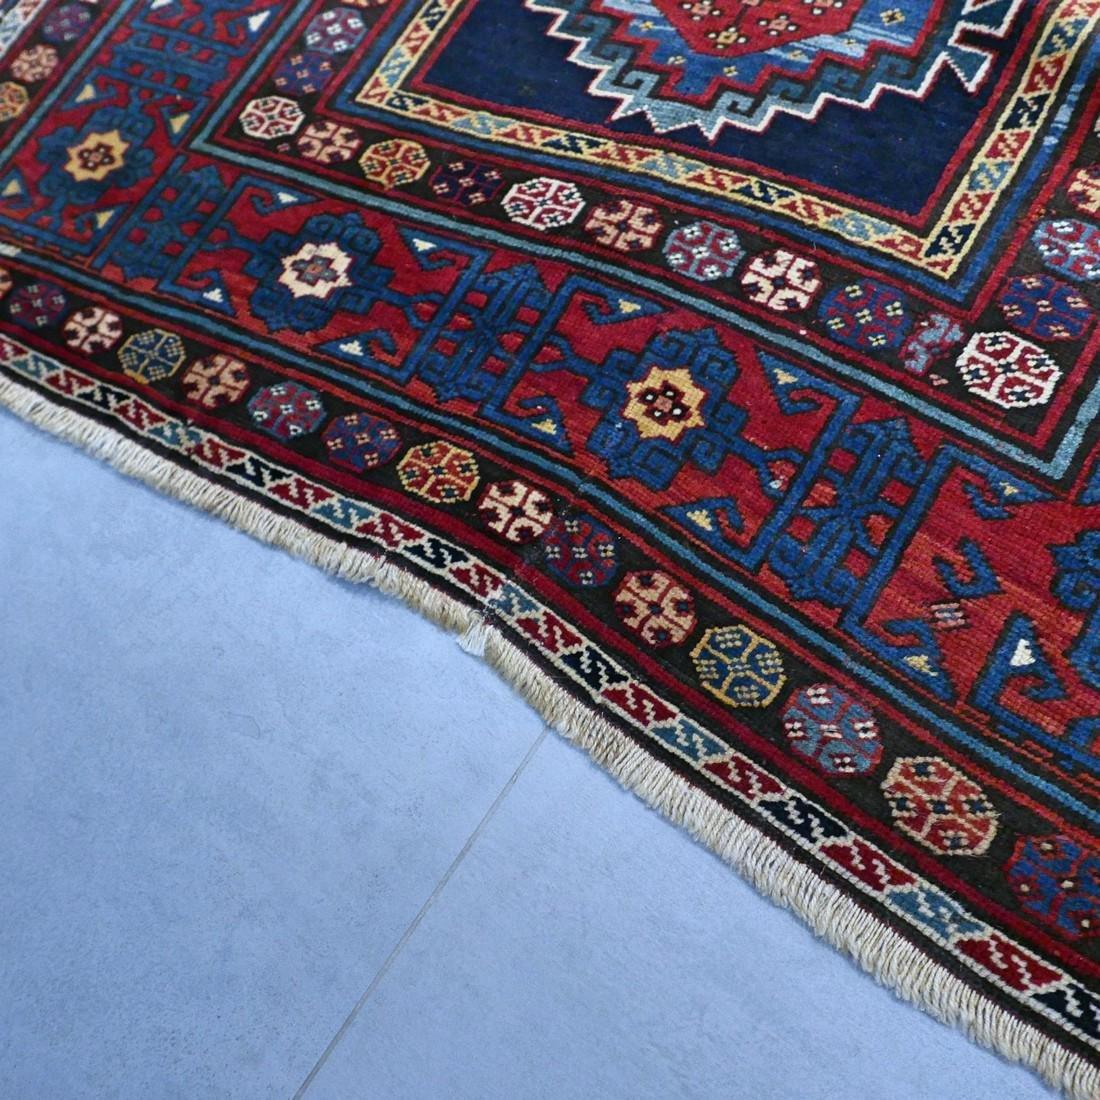 Antique 1800s Kazak rug - 9.5 x 4.3 - 10